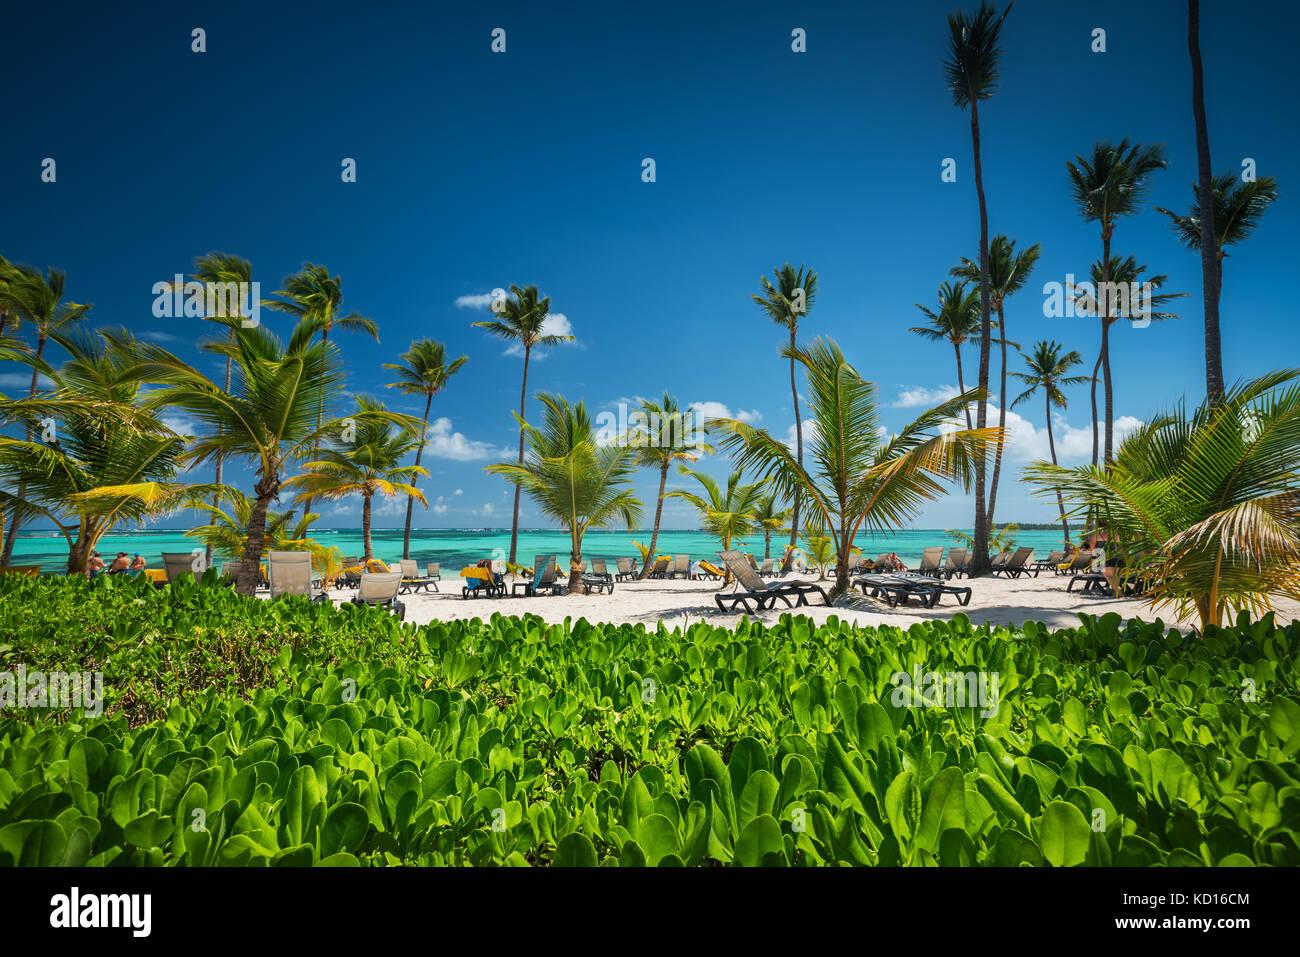 Palm Tree sulla spiaggia tropicale Immagini Stock